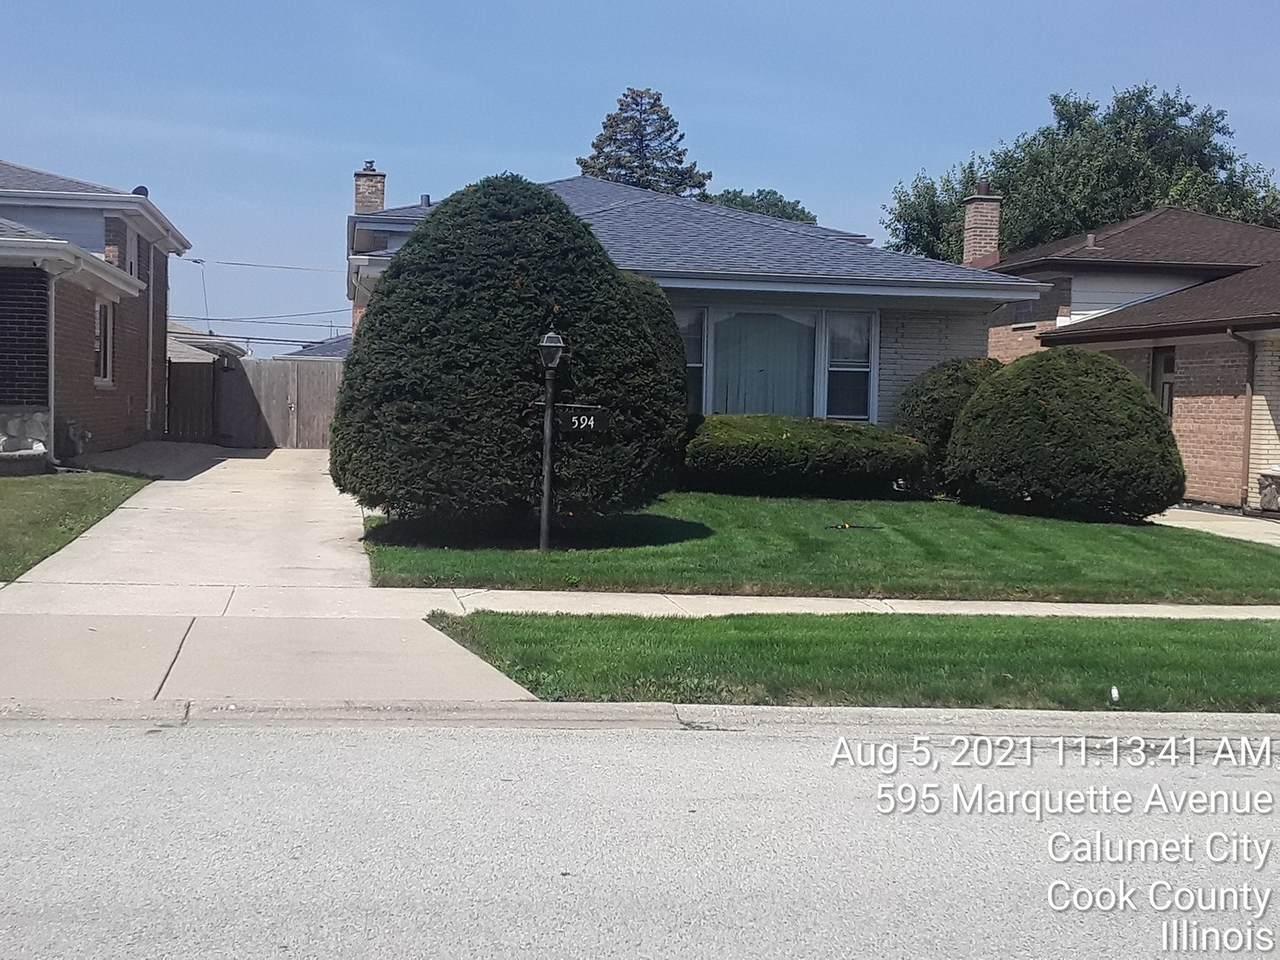 594 Marquette Avenue - Photo 1